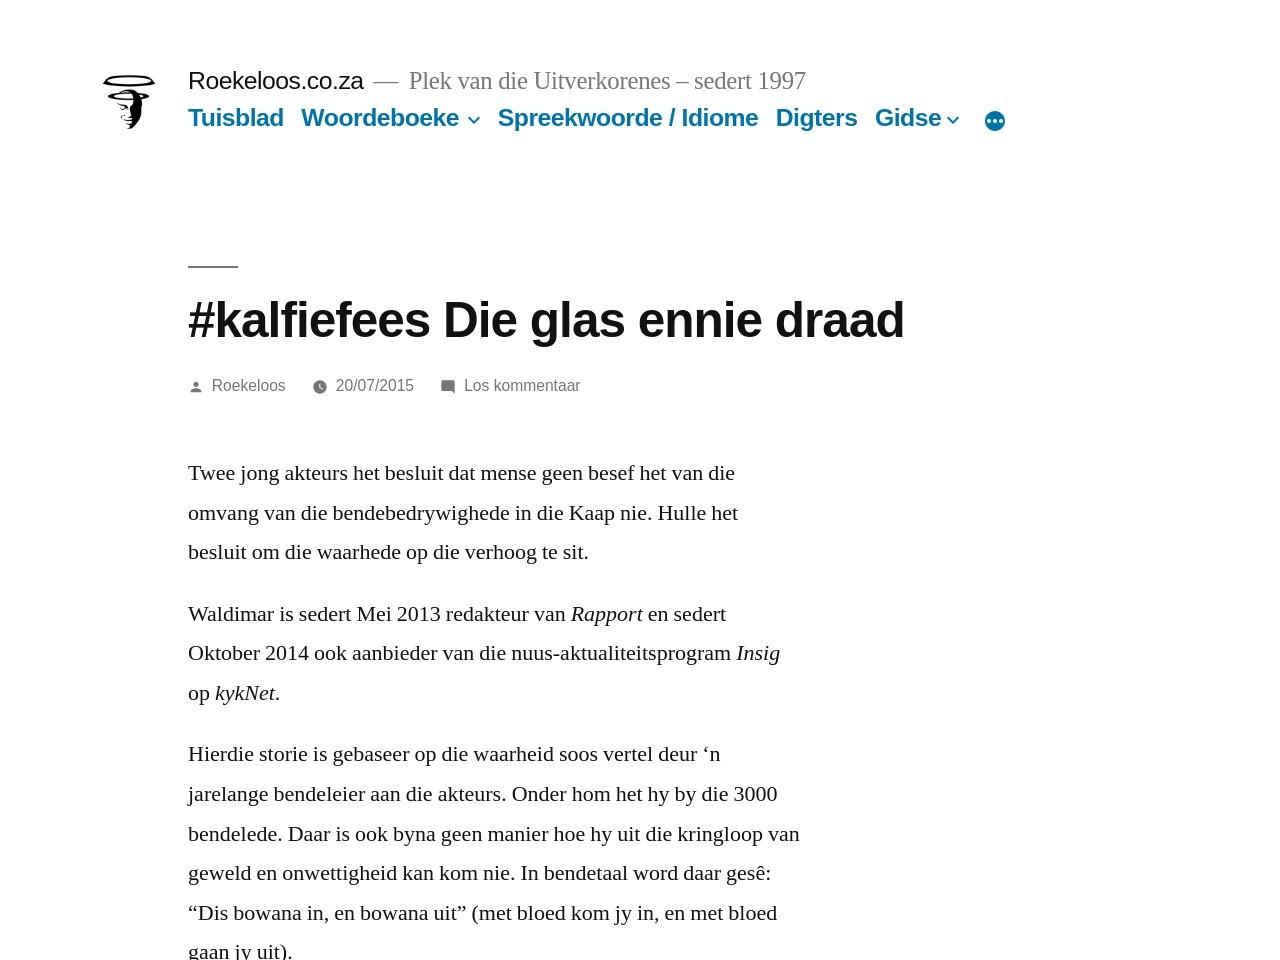 #kalfiefees Die glas ennie draad